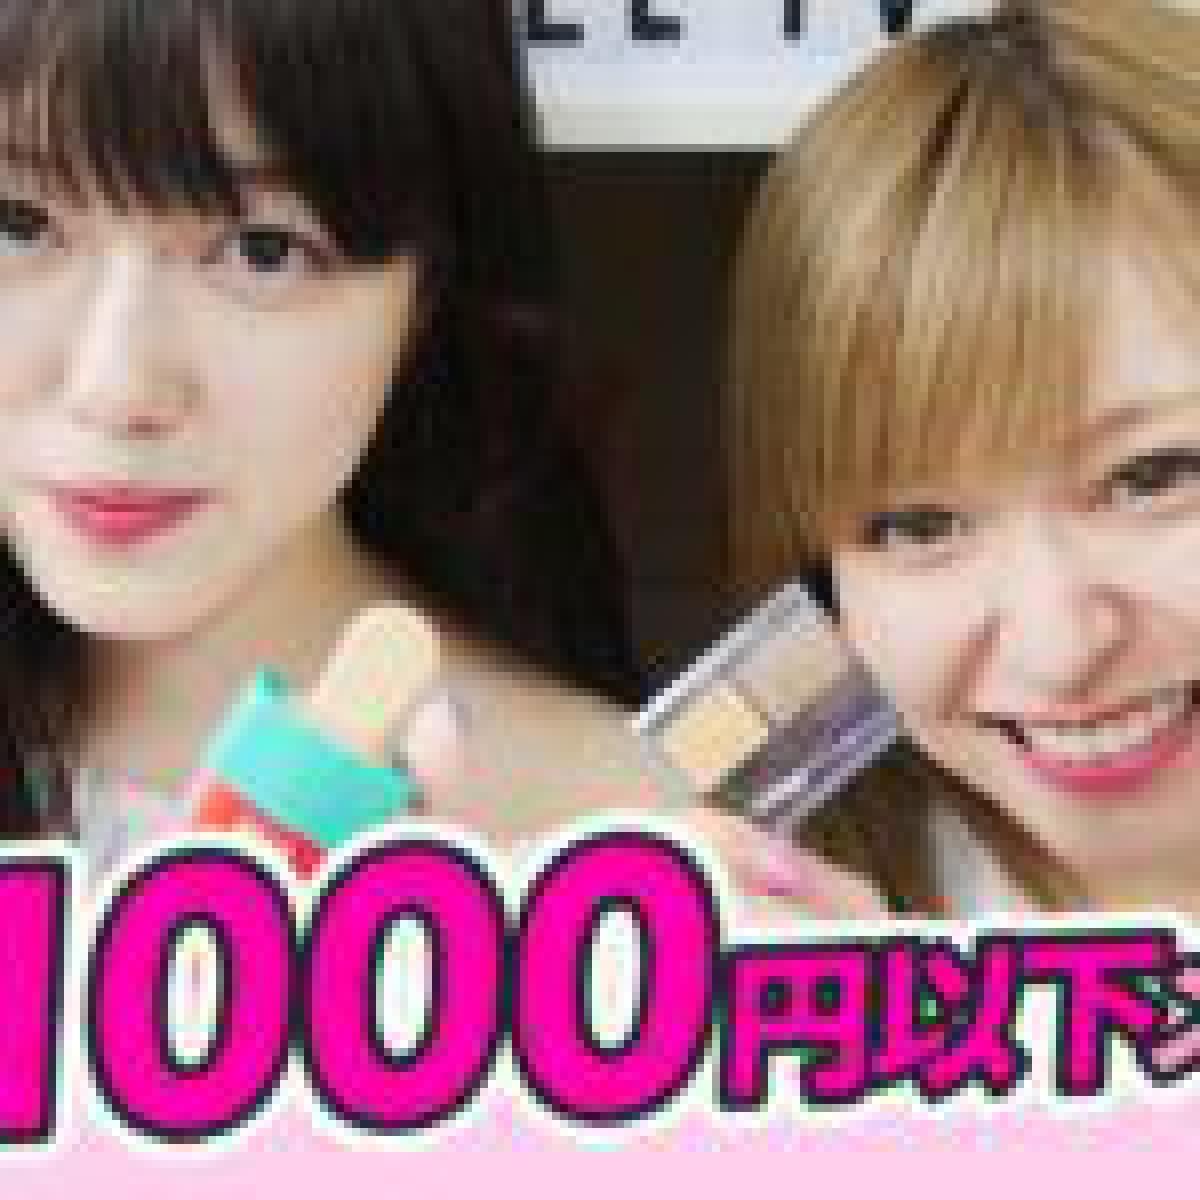 【1000円以下メイク】すべて1000円以下のコスメでフルメイク!